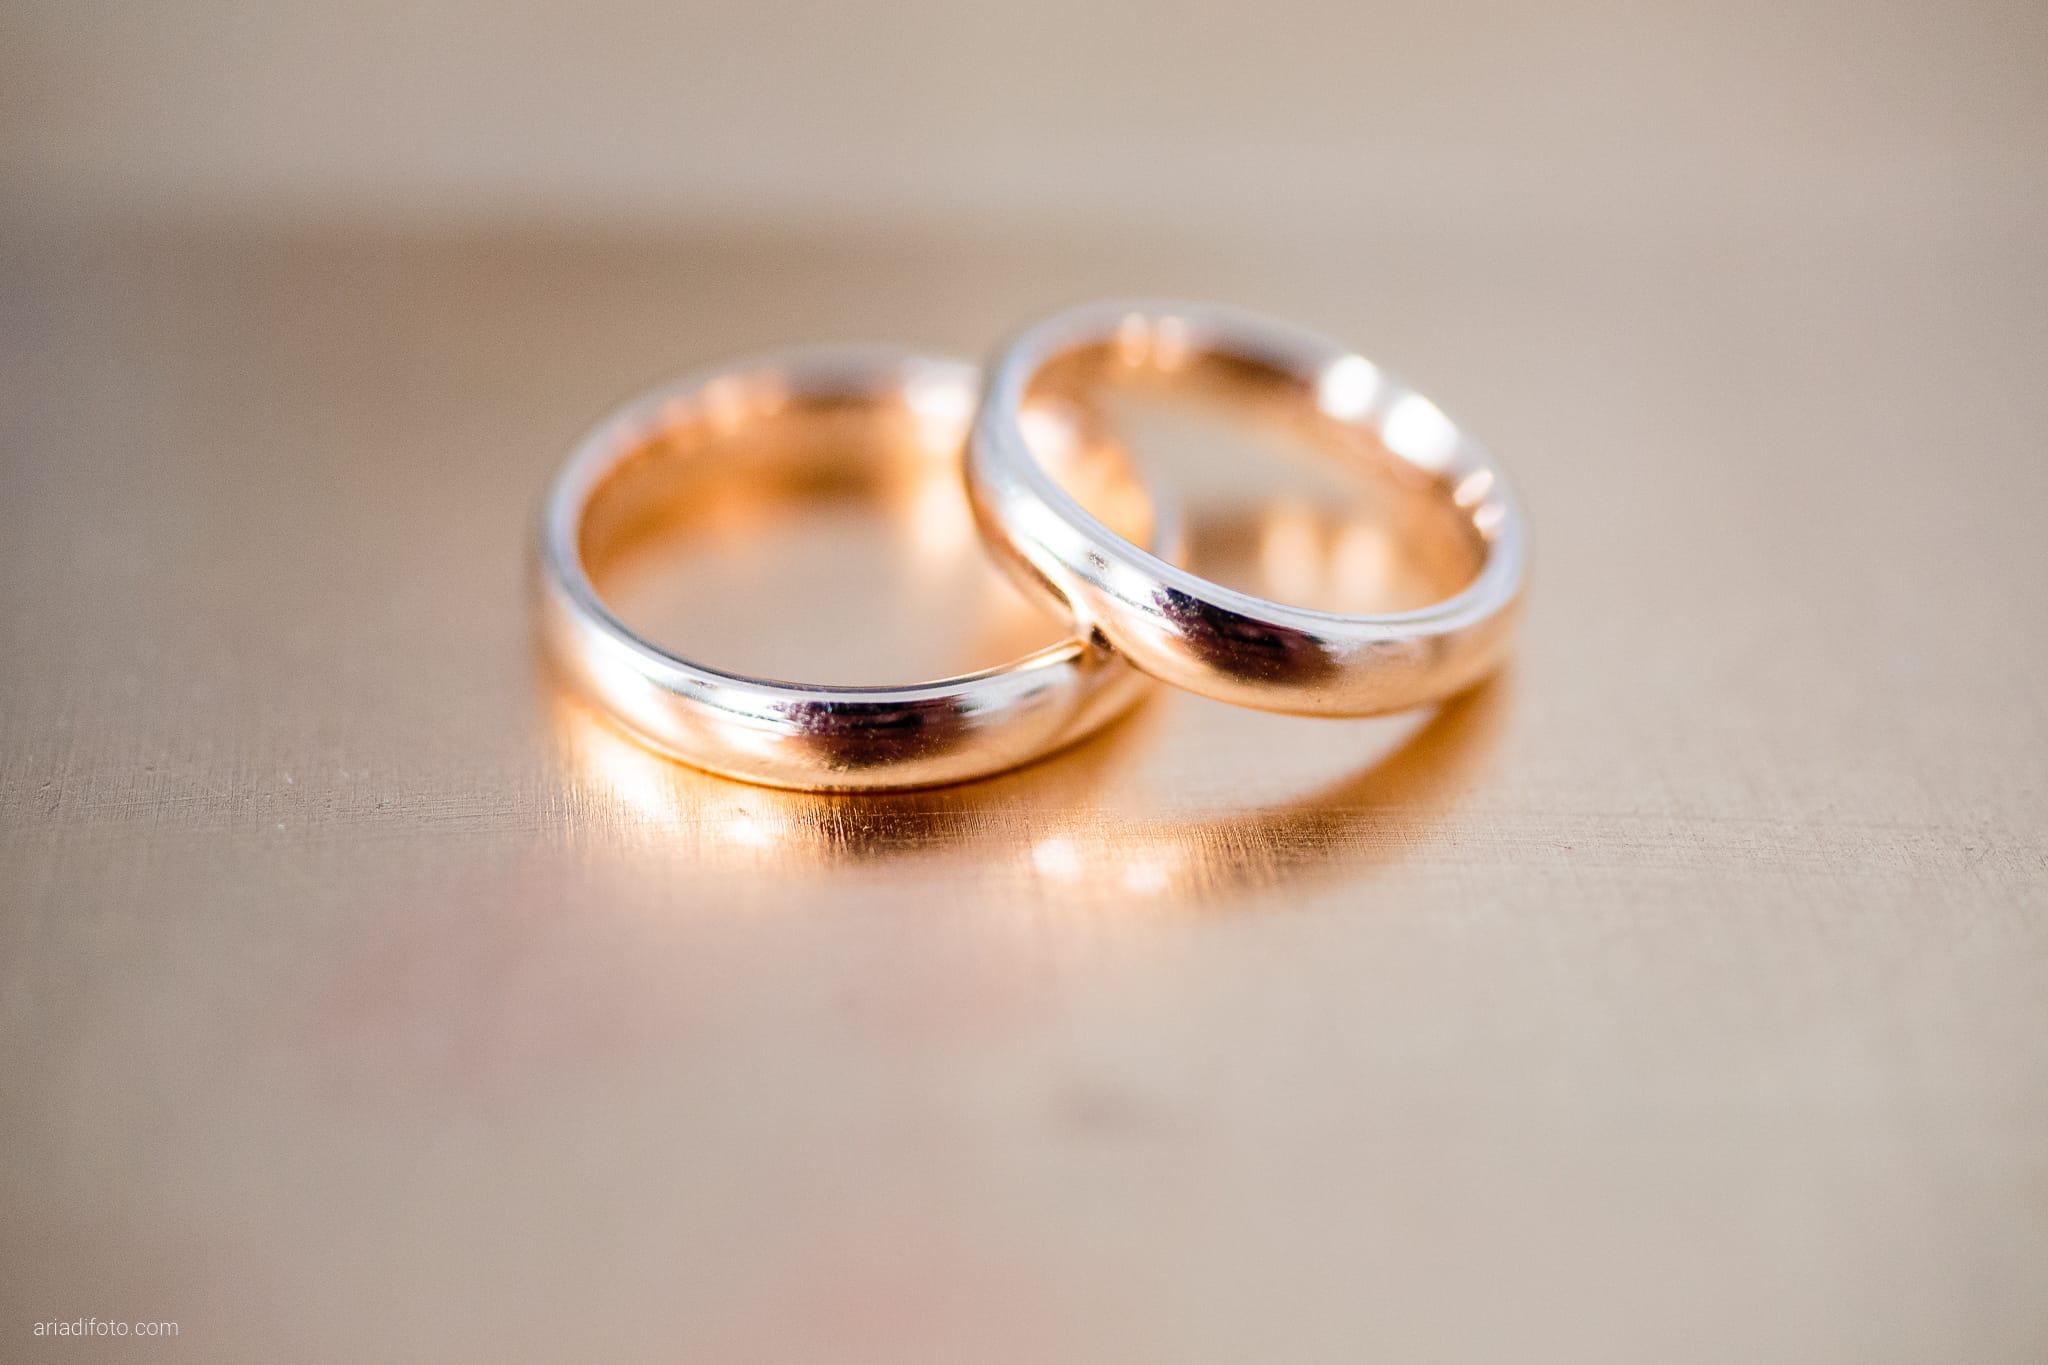 Fiordaliso Andrea matrimonio Salvia Rosmarino Trieste preparativi dettagli anelli